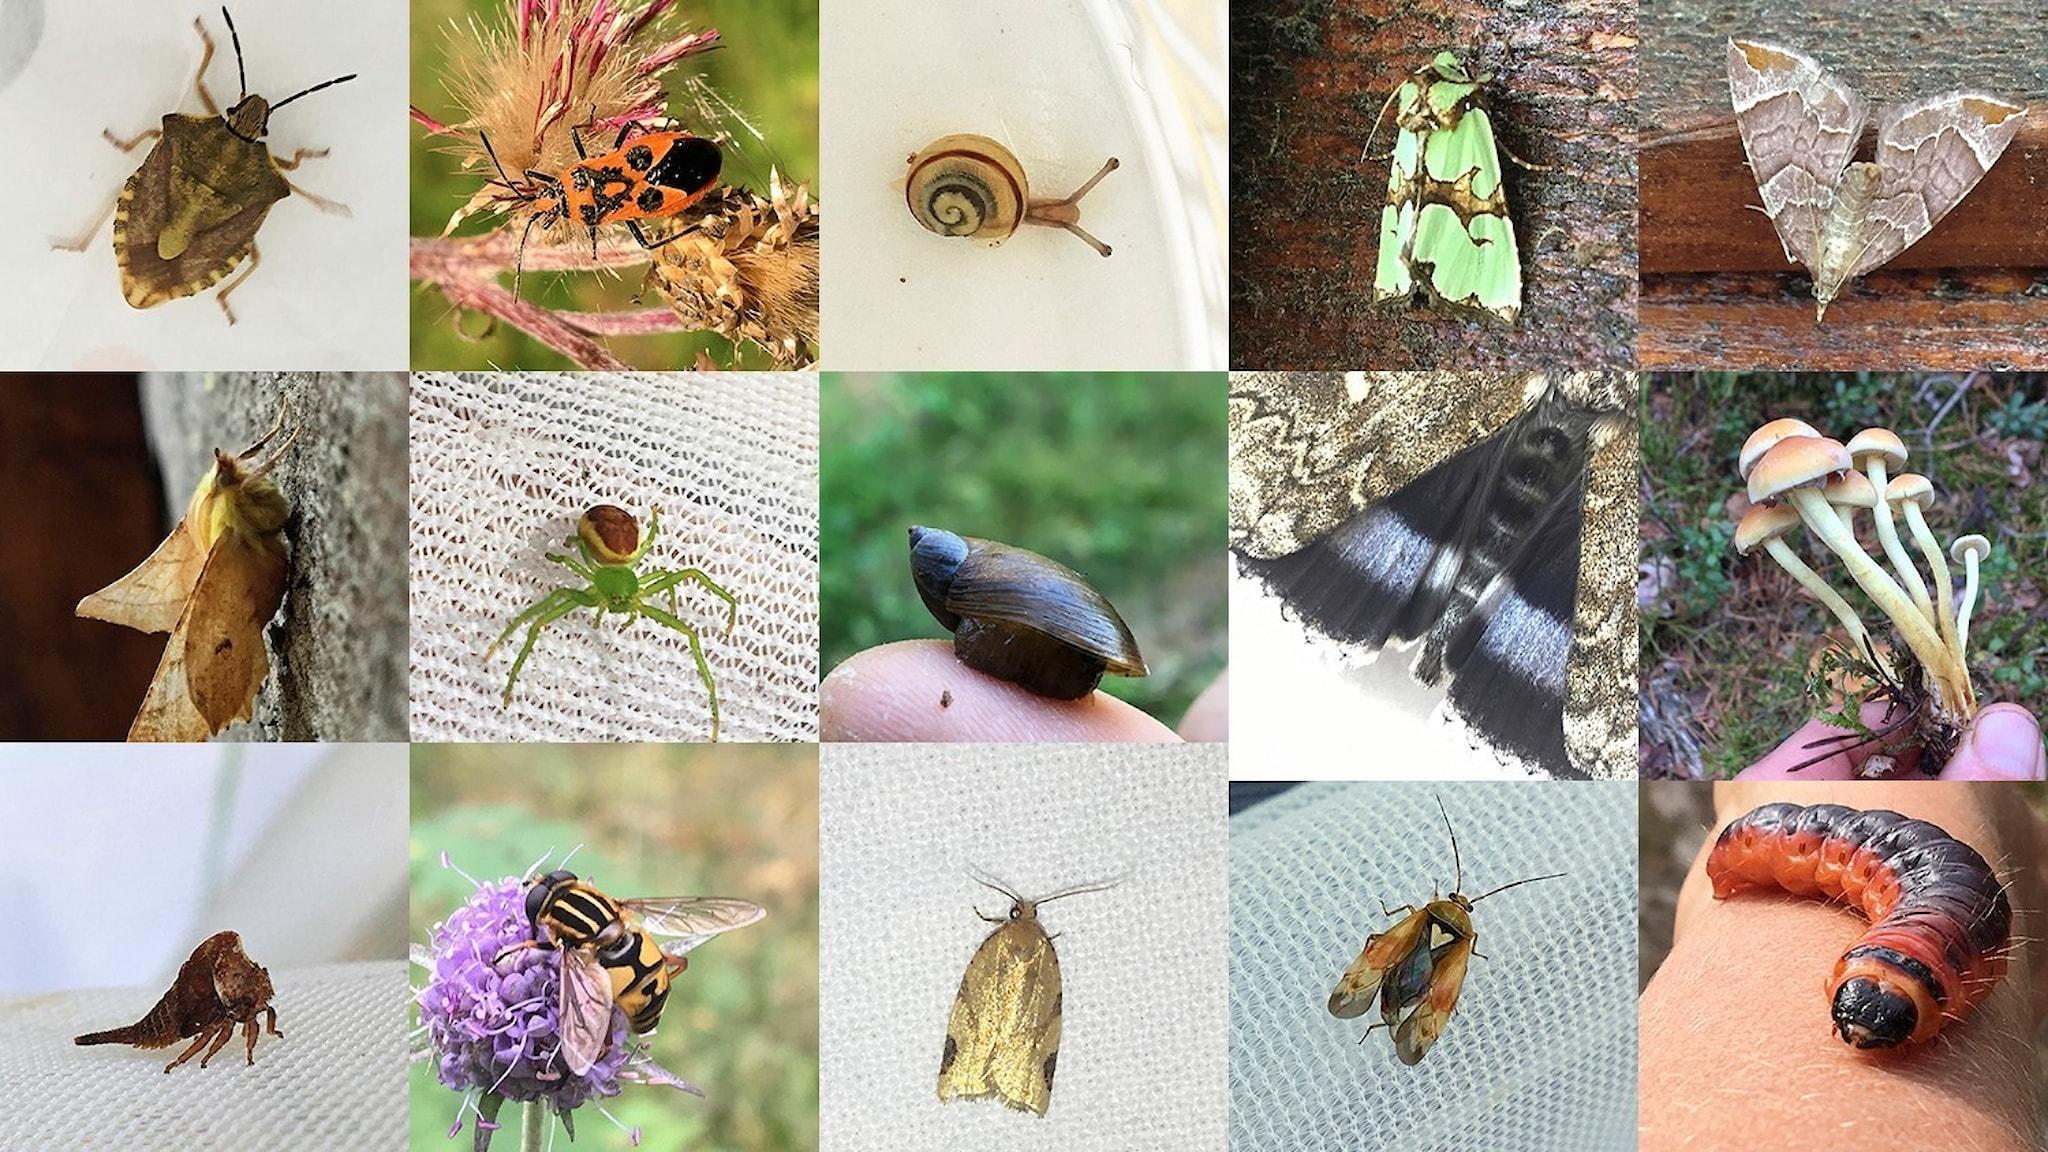 Ett collage med en mångfald av närbilder på olika djur, växter och svampar.